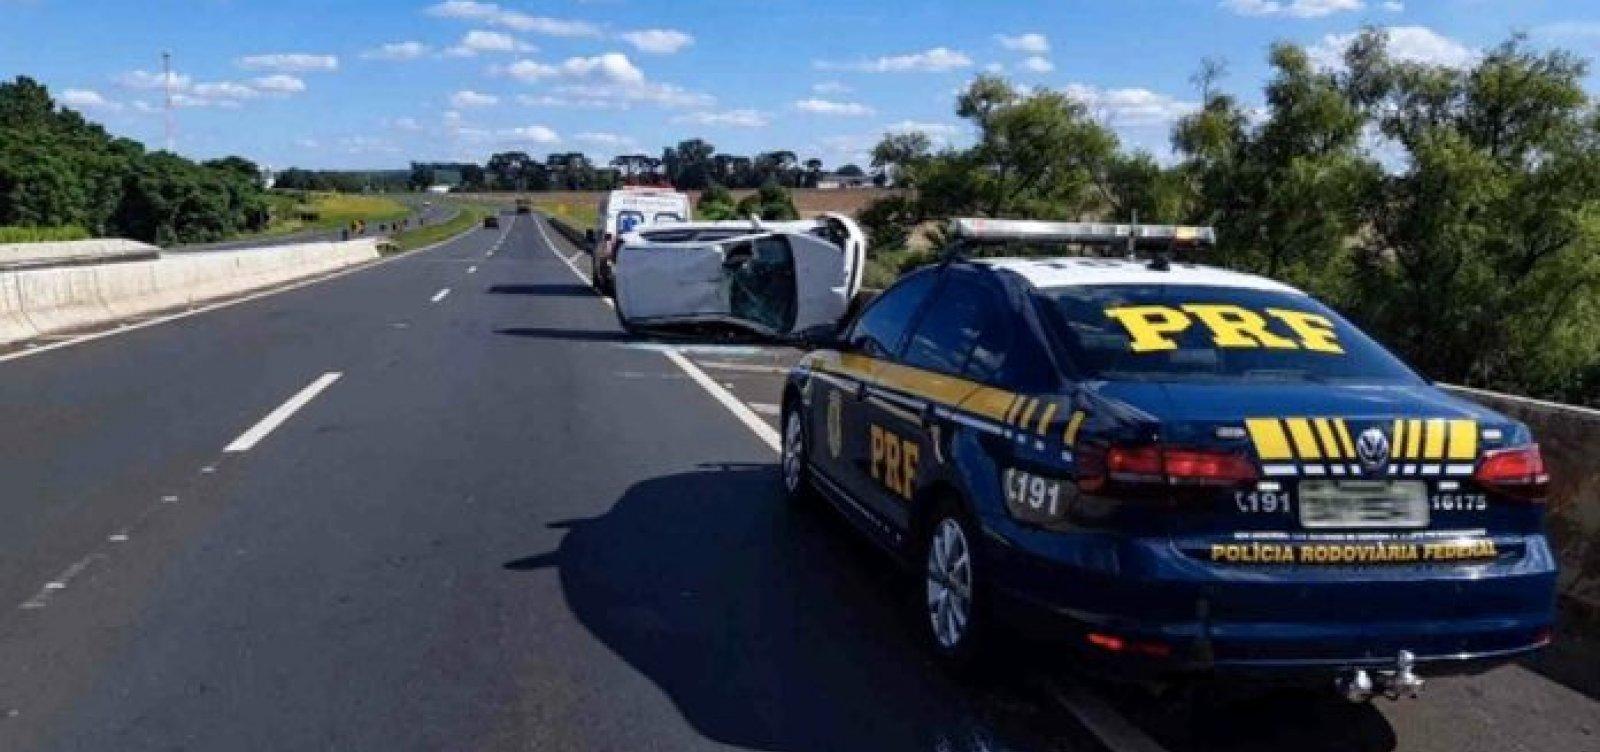 [Registros de acidentes caem nas rodovias federais, mas número de mortes aumenta]